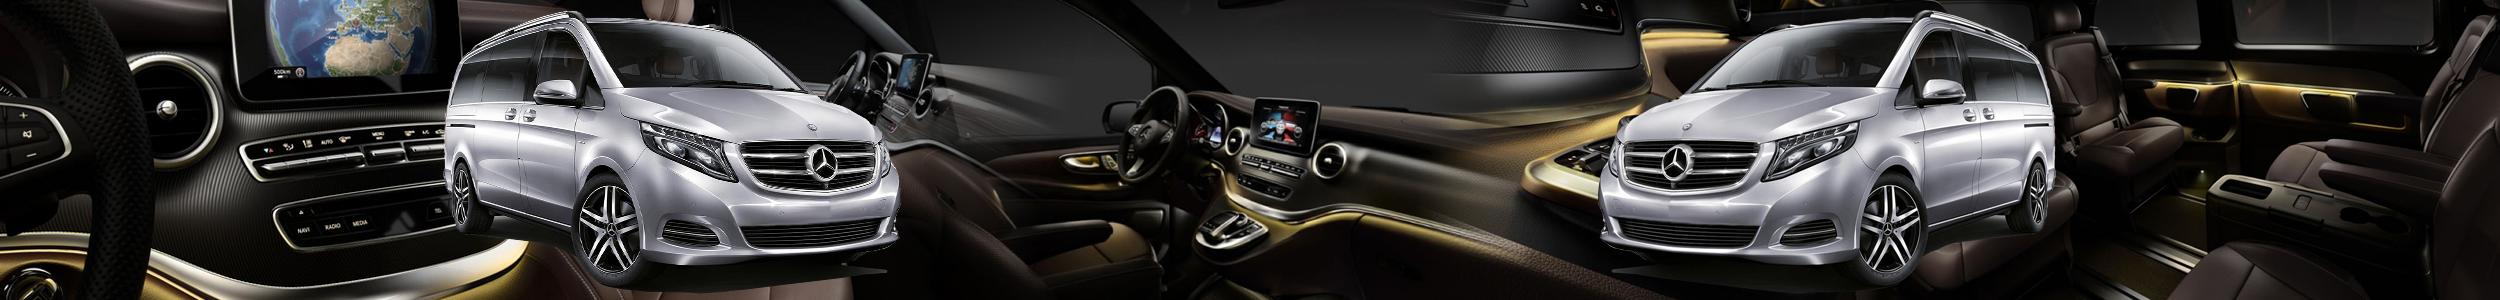 V Class Mercedes Viano Essex Chauffeur Driven Car